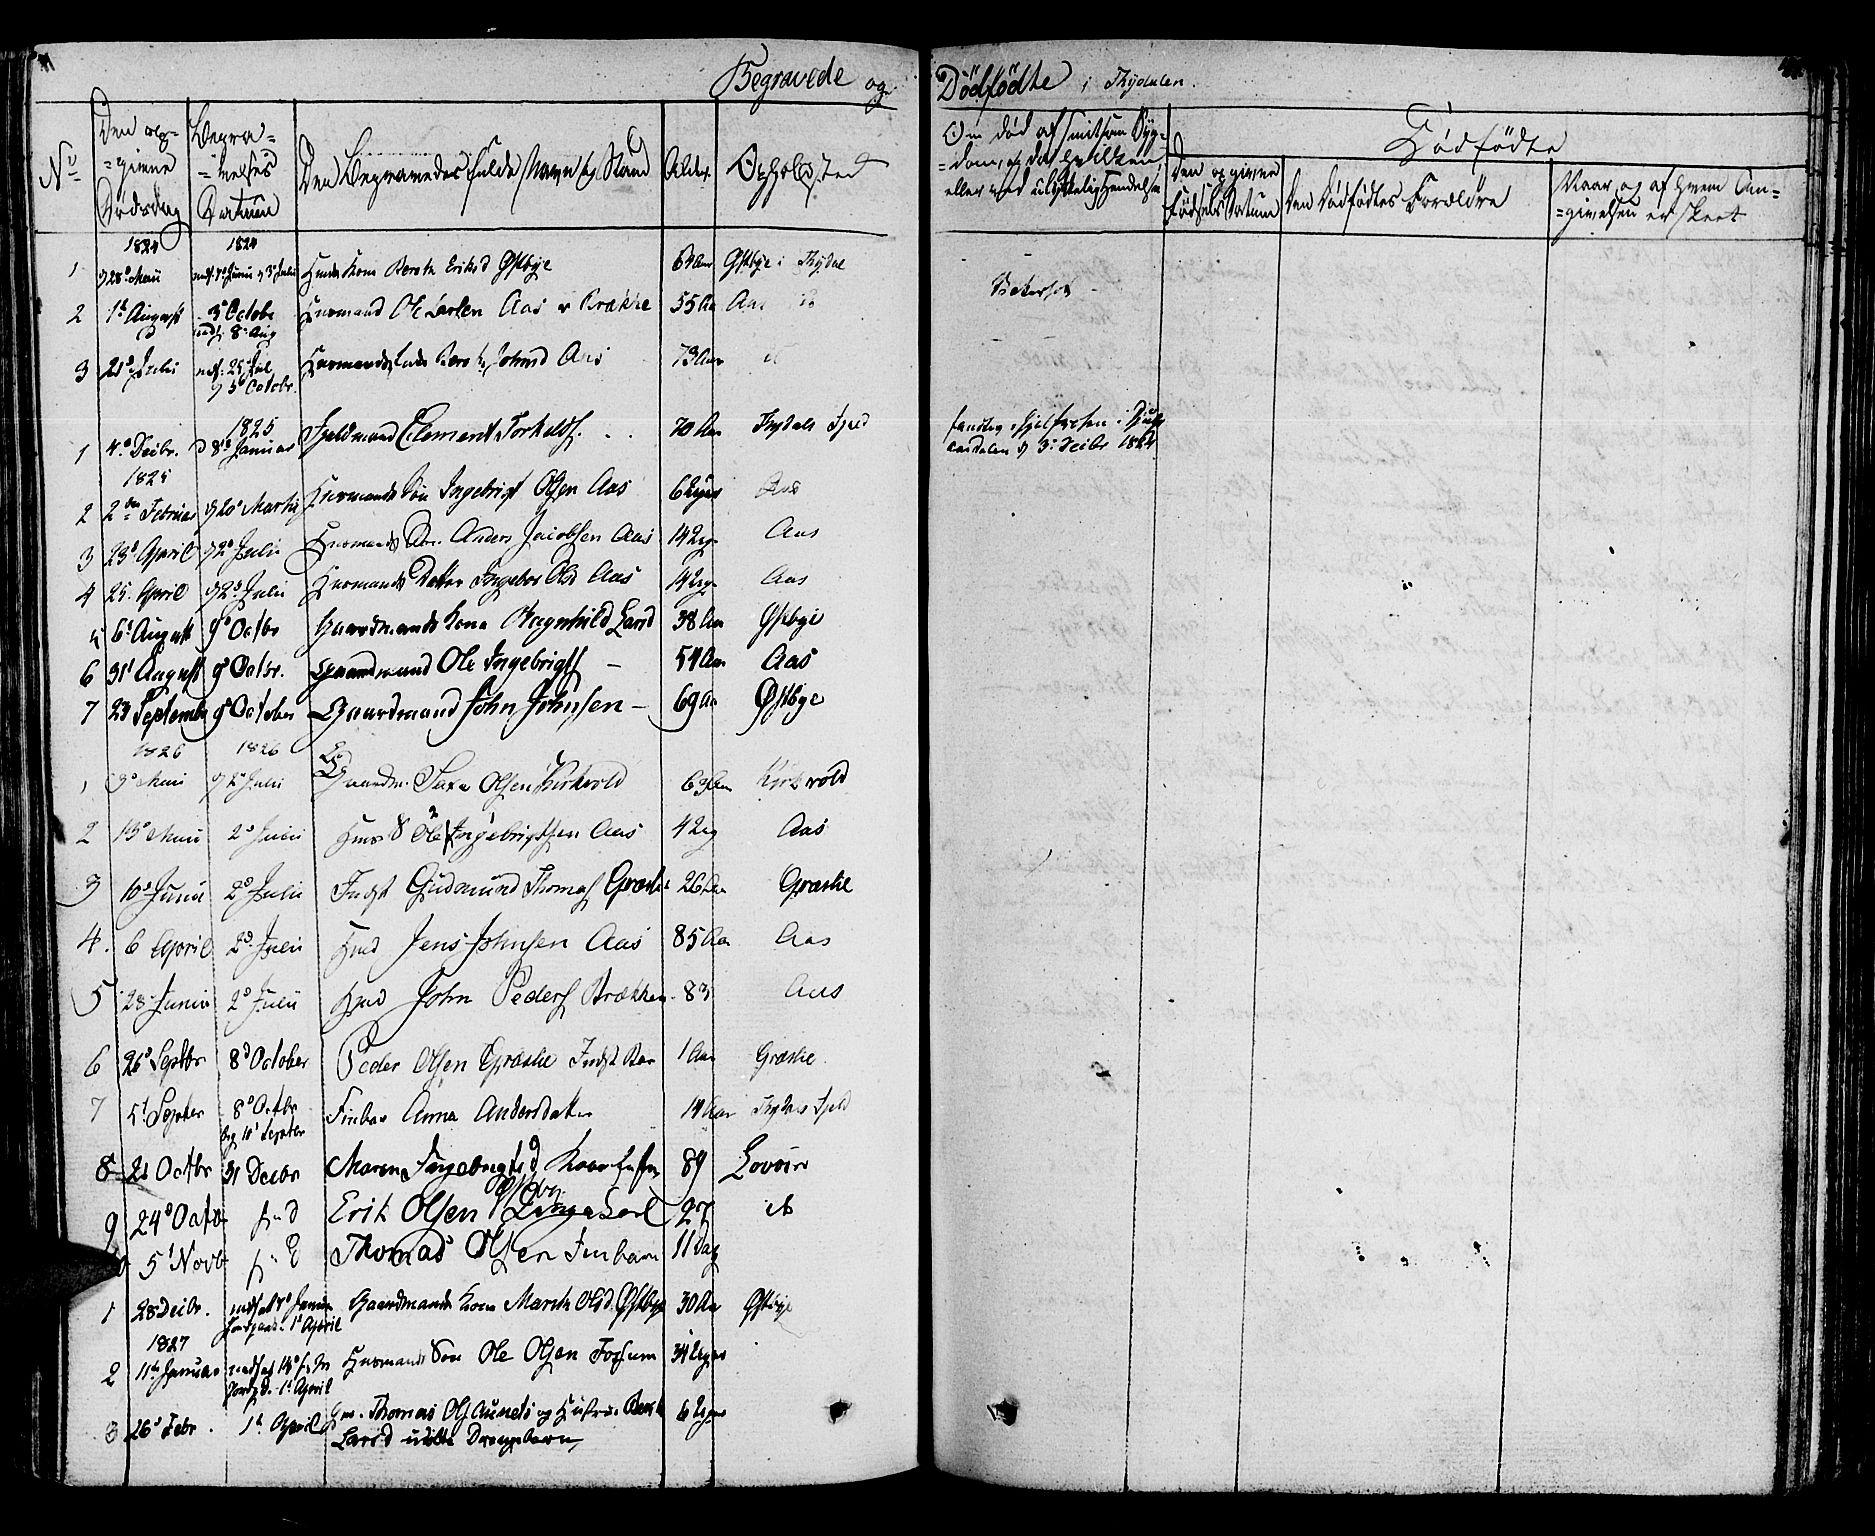 SAT, Ministerialprotokoller, klokkerbøker og fødselsregistre - Sør-Trøndelag, 695/L1144: Ministerialbok nr. 695A05 /2, 1824-1842, s. 411